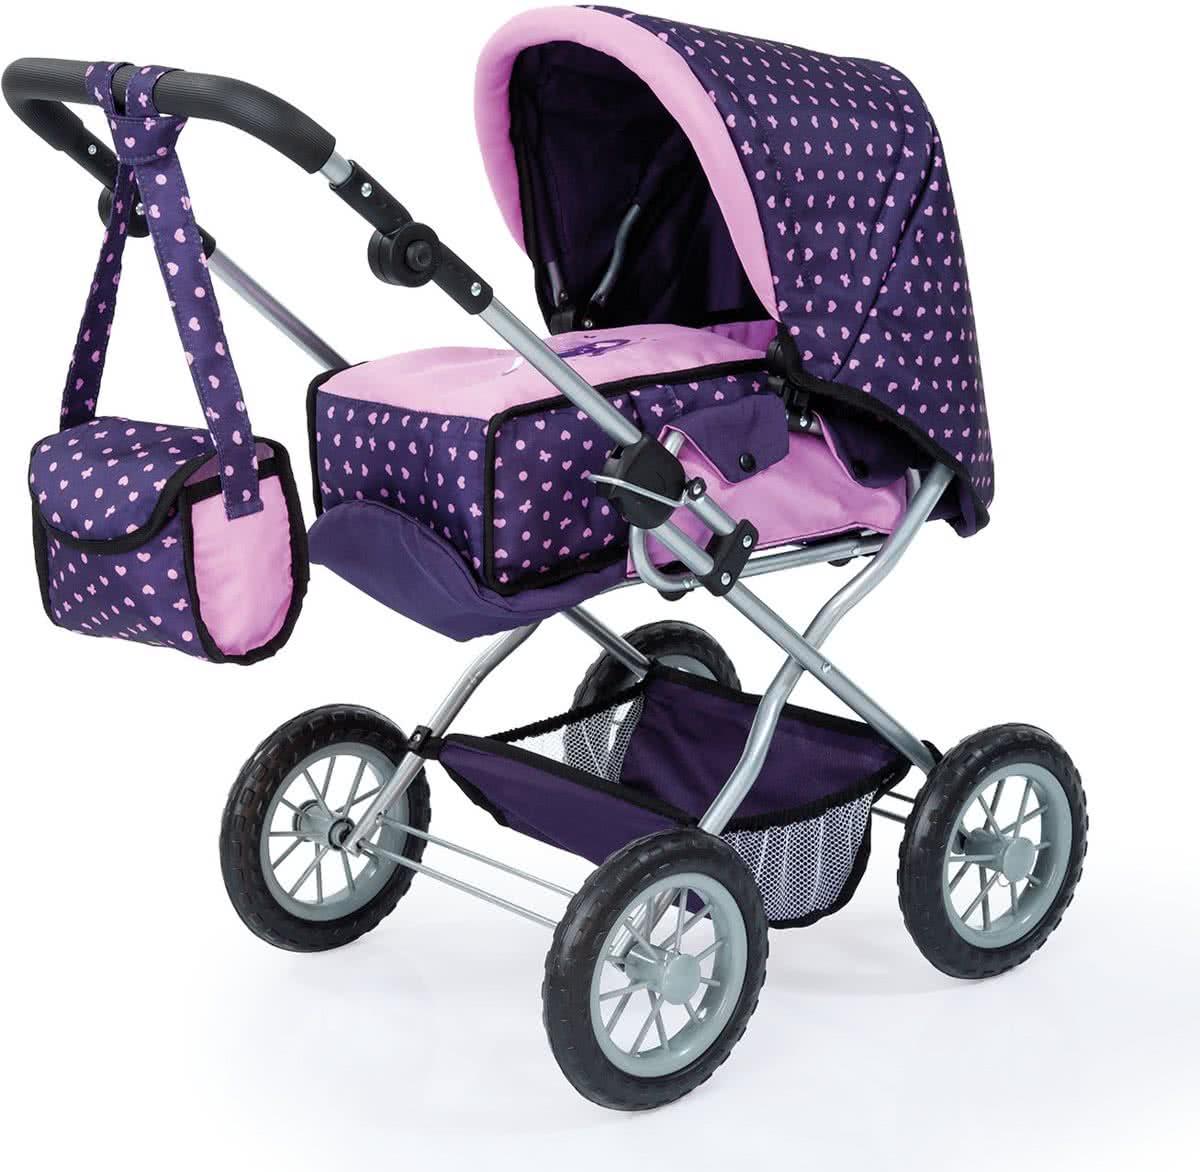 Poppen & Knuffels Babypoppenwagen